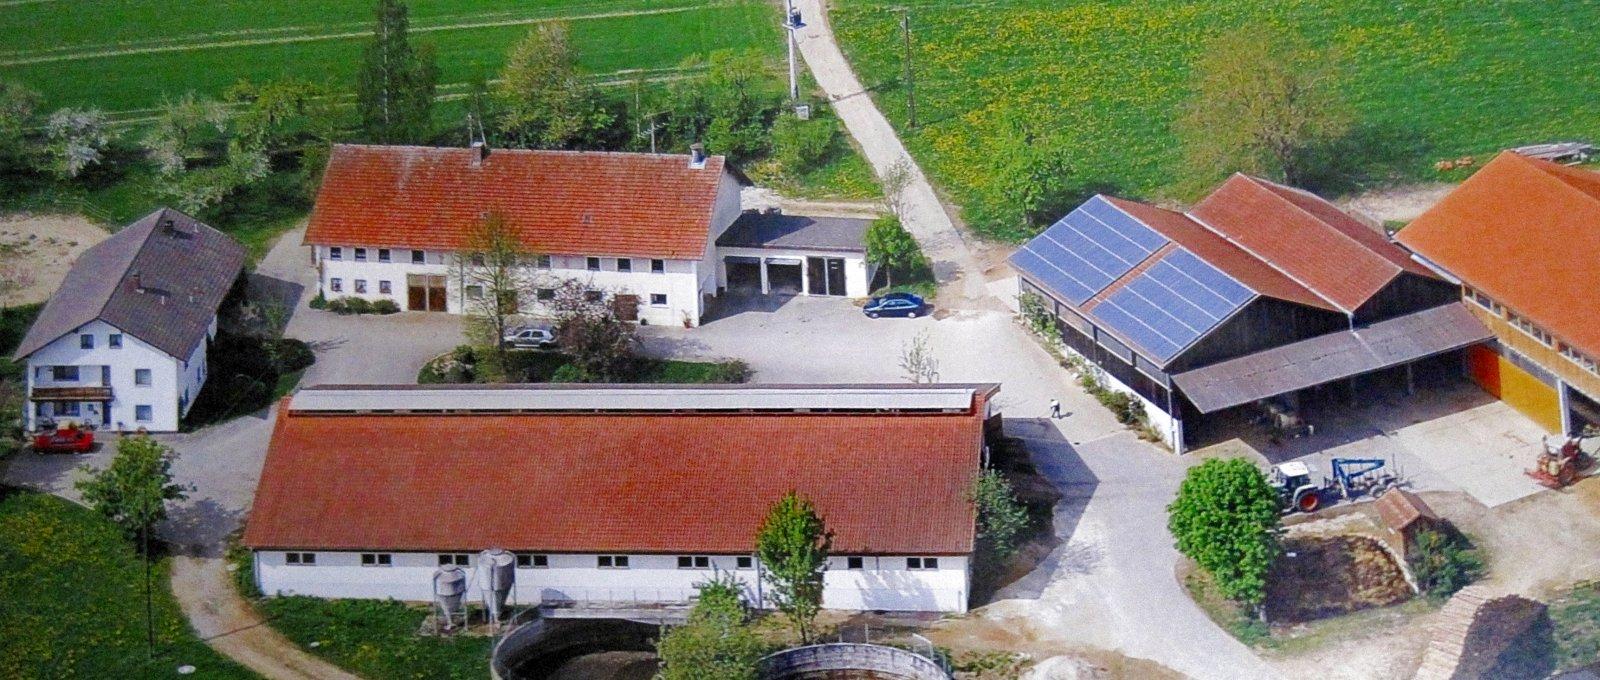 Kinder Erlebnisbauernhof Gschwandner Ferienhaus